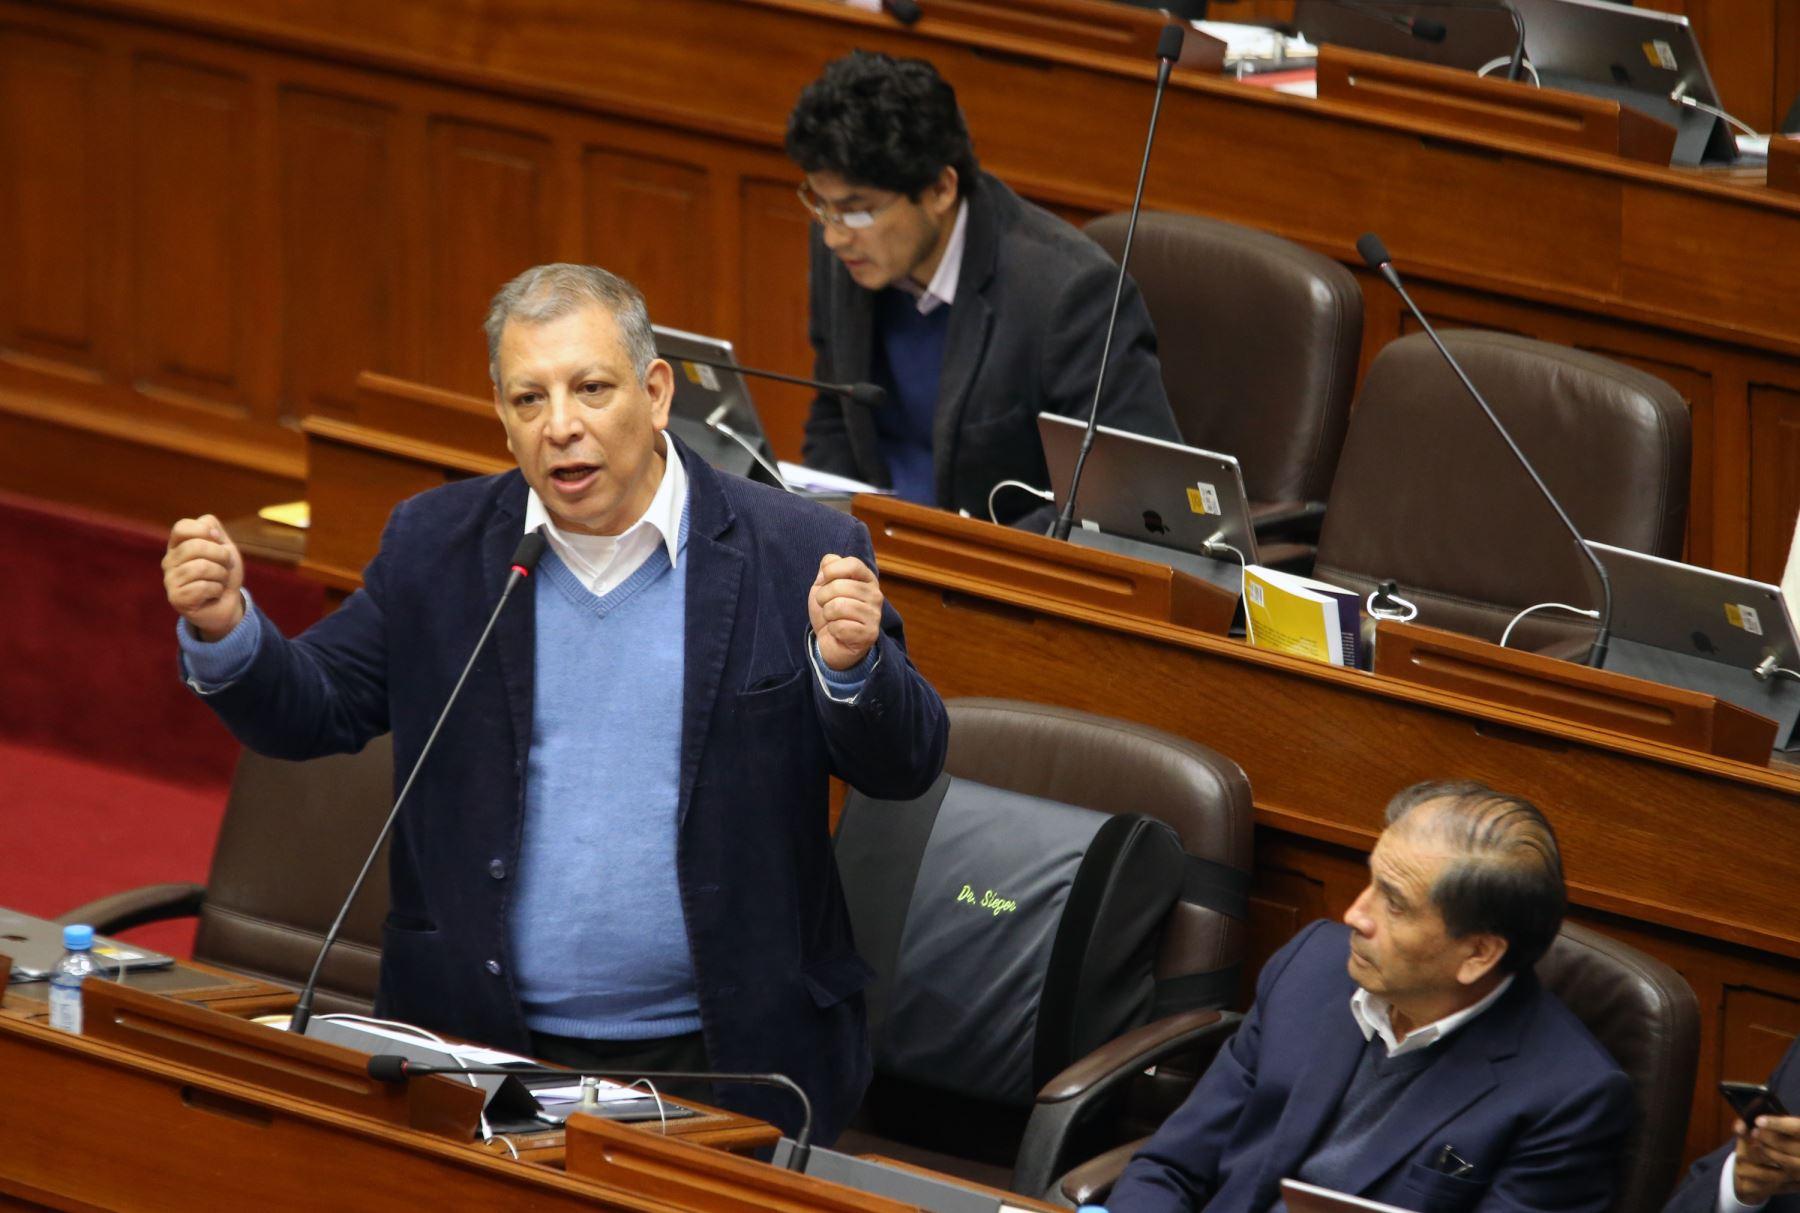 Congresista Marco Arana participa en el pleno del Congreso que debate los proyectos de reforma política presentadas por el Poder Ejecutivo.   Foto: ANDINA/Norman Córdova